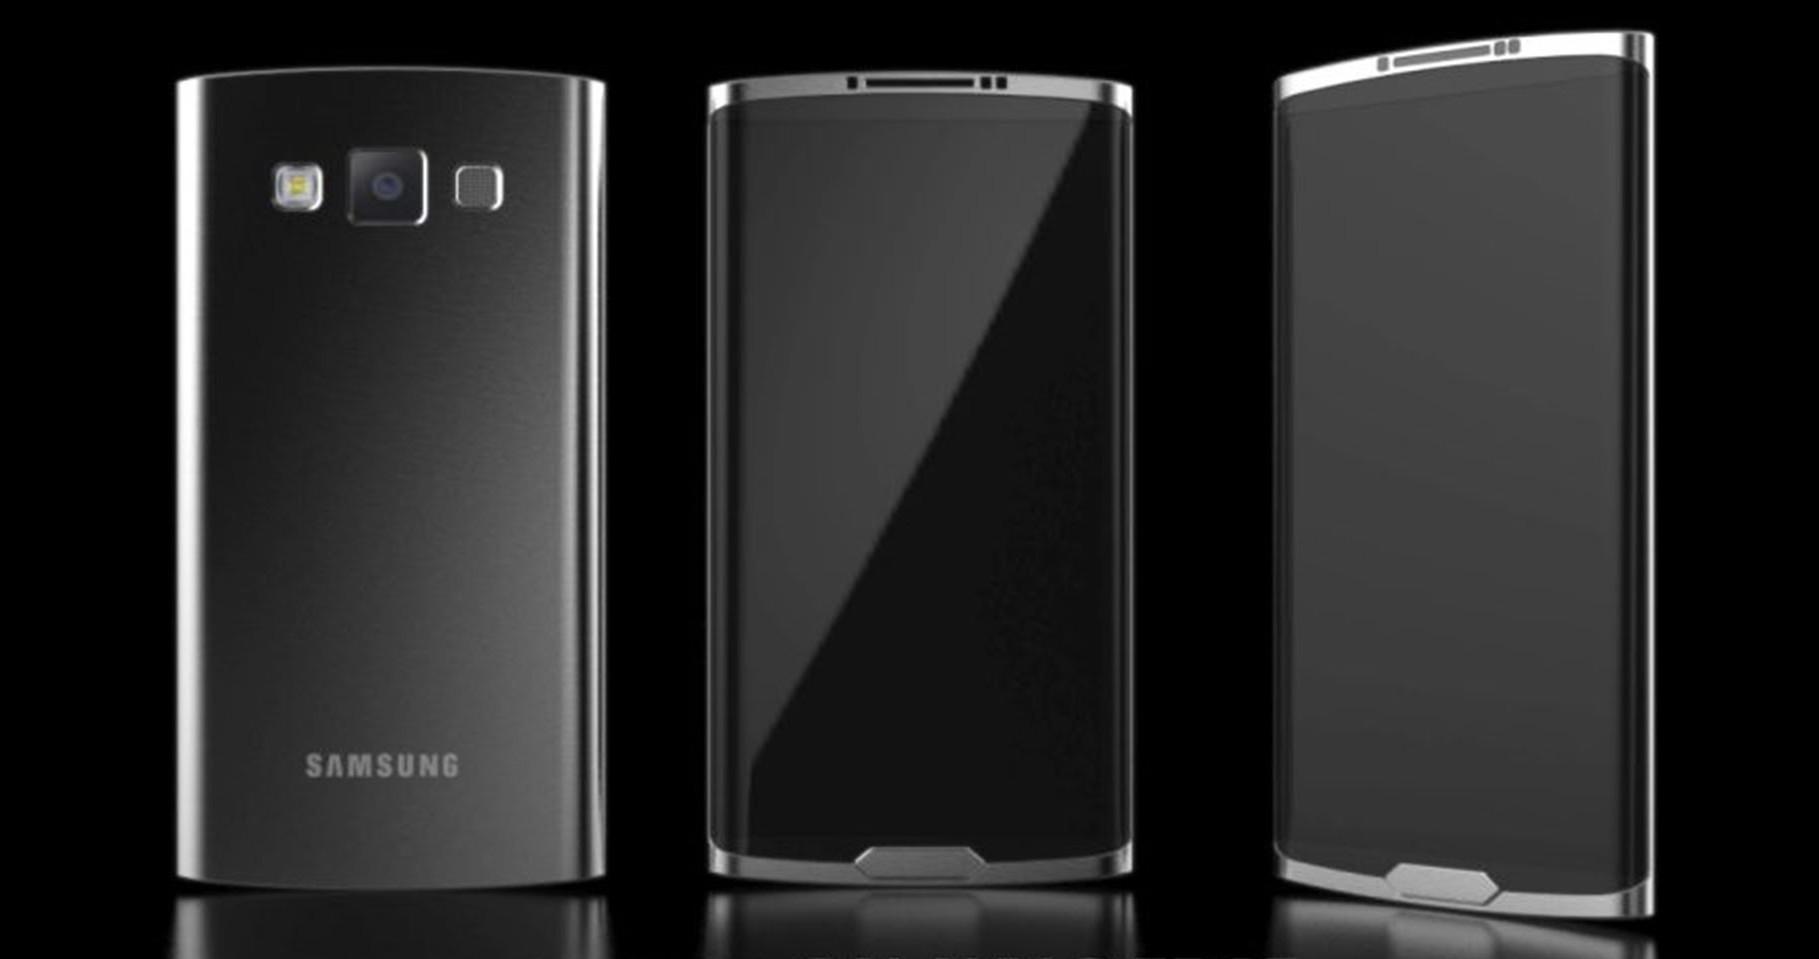 Samsung Galaxy S7 սմարթֆոնները կներկայացվեն 2016թ. սկզբին